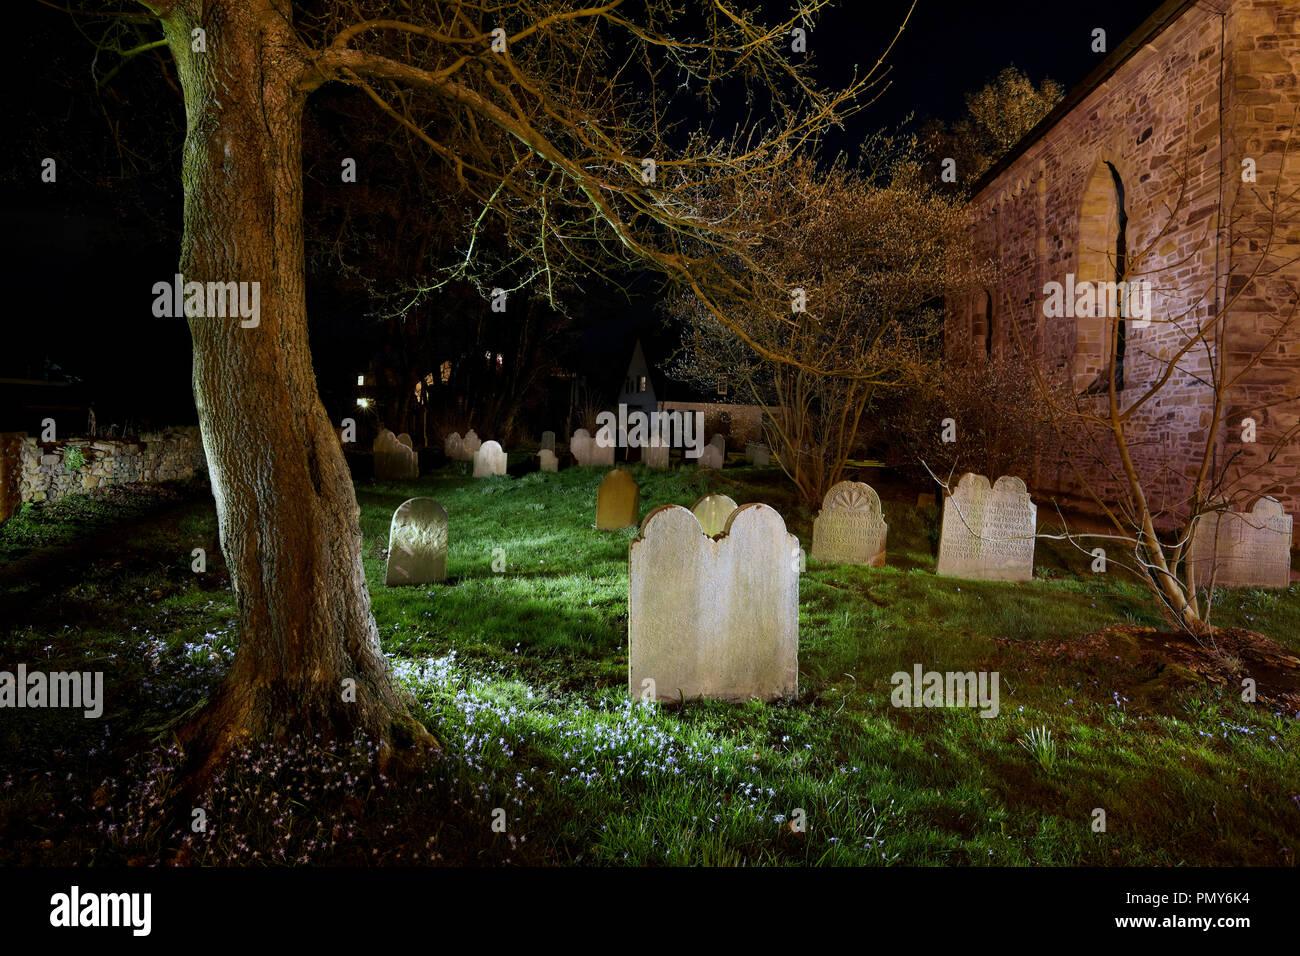 Viejas tumbas en el cementerio de la iglesia de la aldea Stiepeler en Bochum. Foto de stock